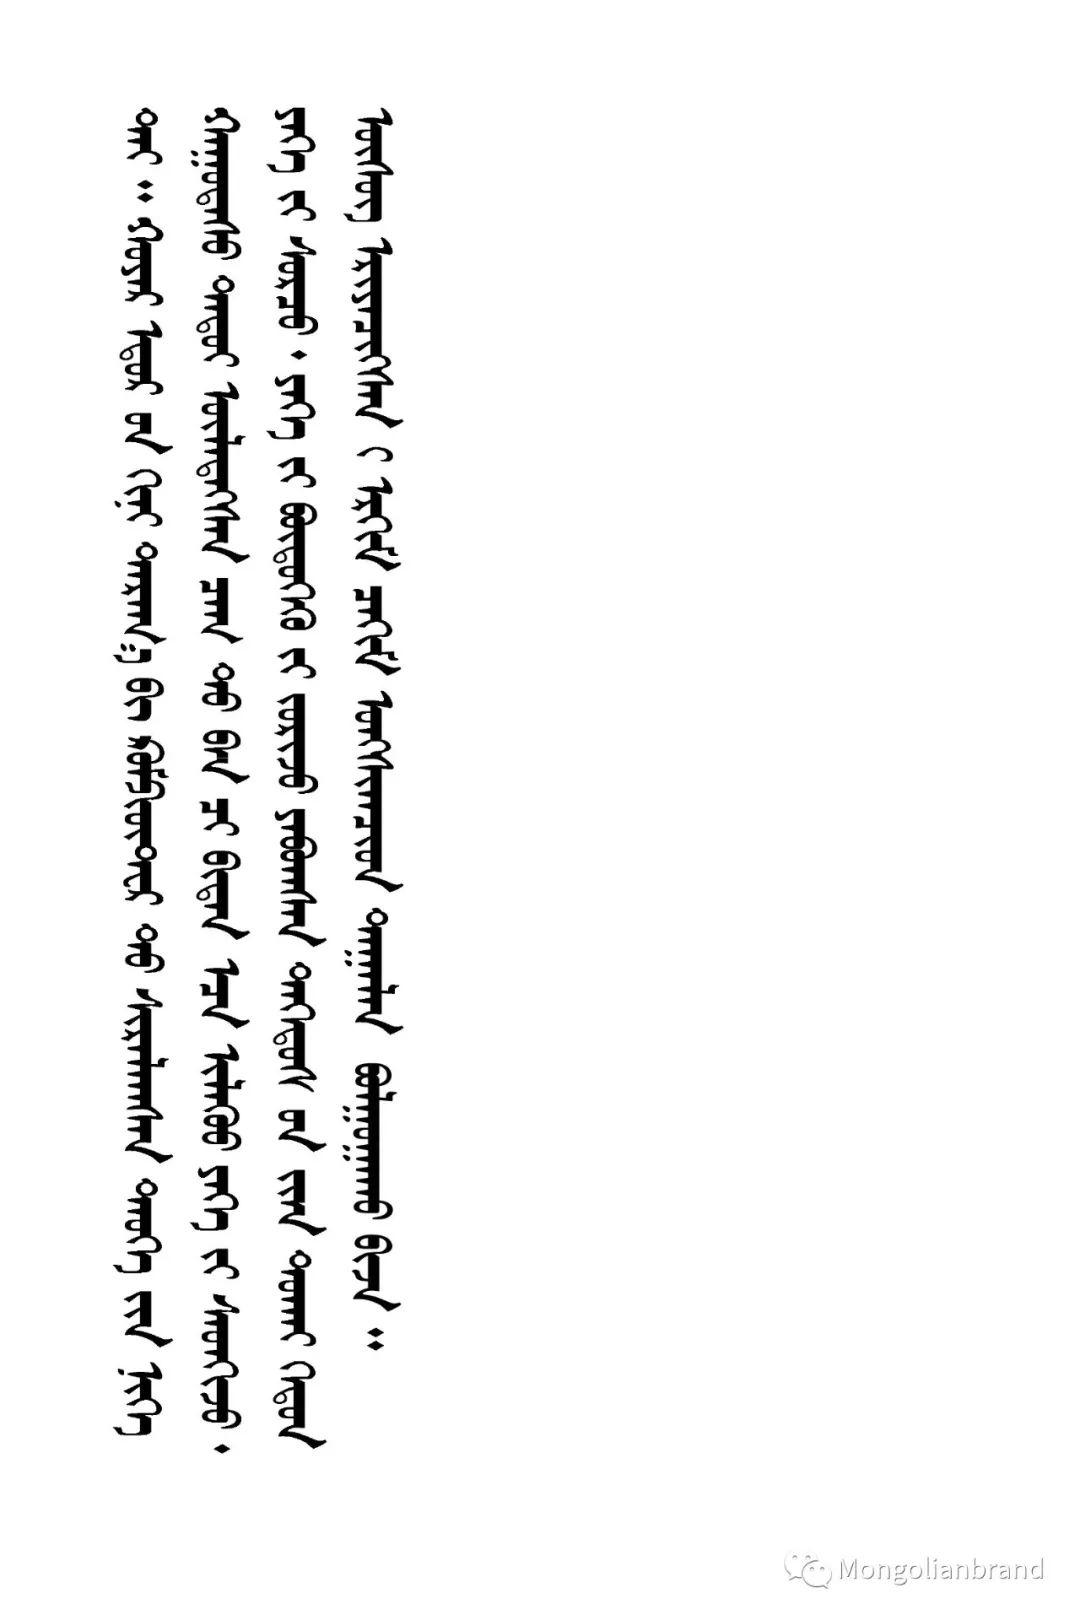 蒙古丨20世纪30年代在蒙古遇害的喀喇沁知识分子乌力吉巴达拉呼 第8张 蒙古丨20世纪30年代在蒙古遇害的喀喇沁知识分子乌力吉巴达拉呼 蒙古文化